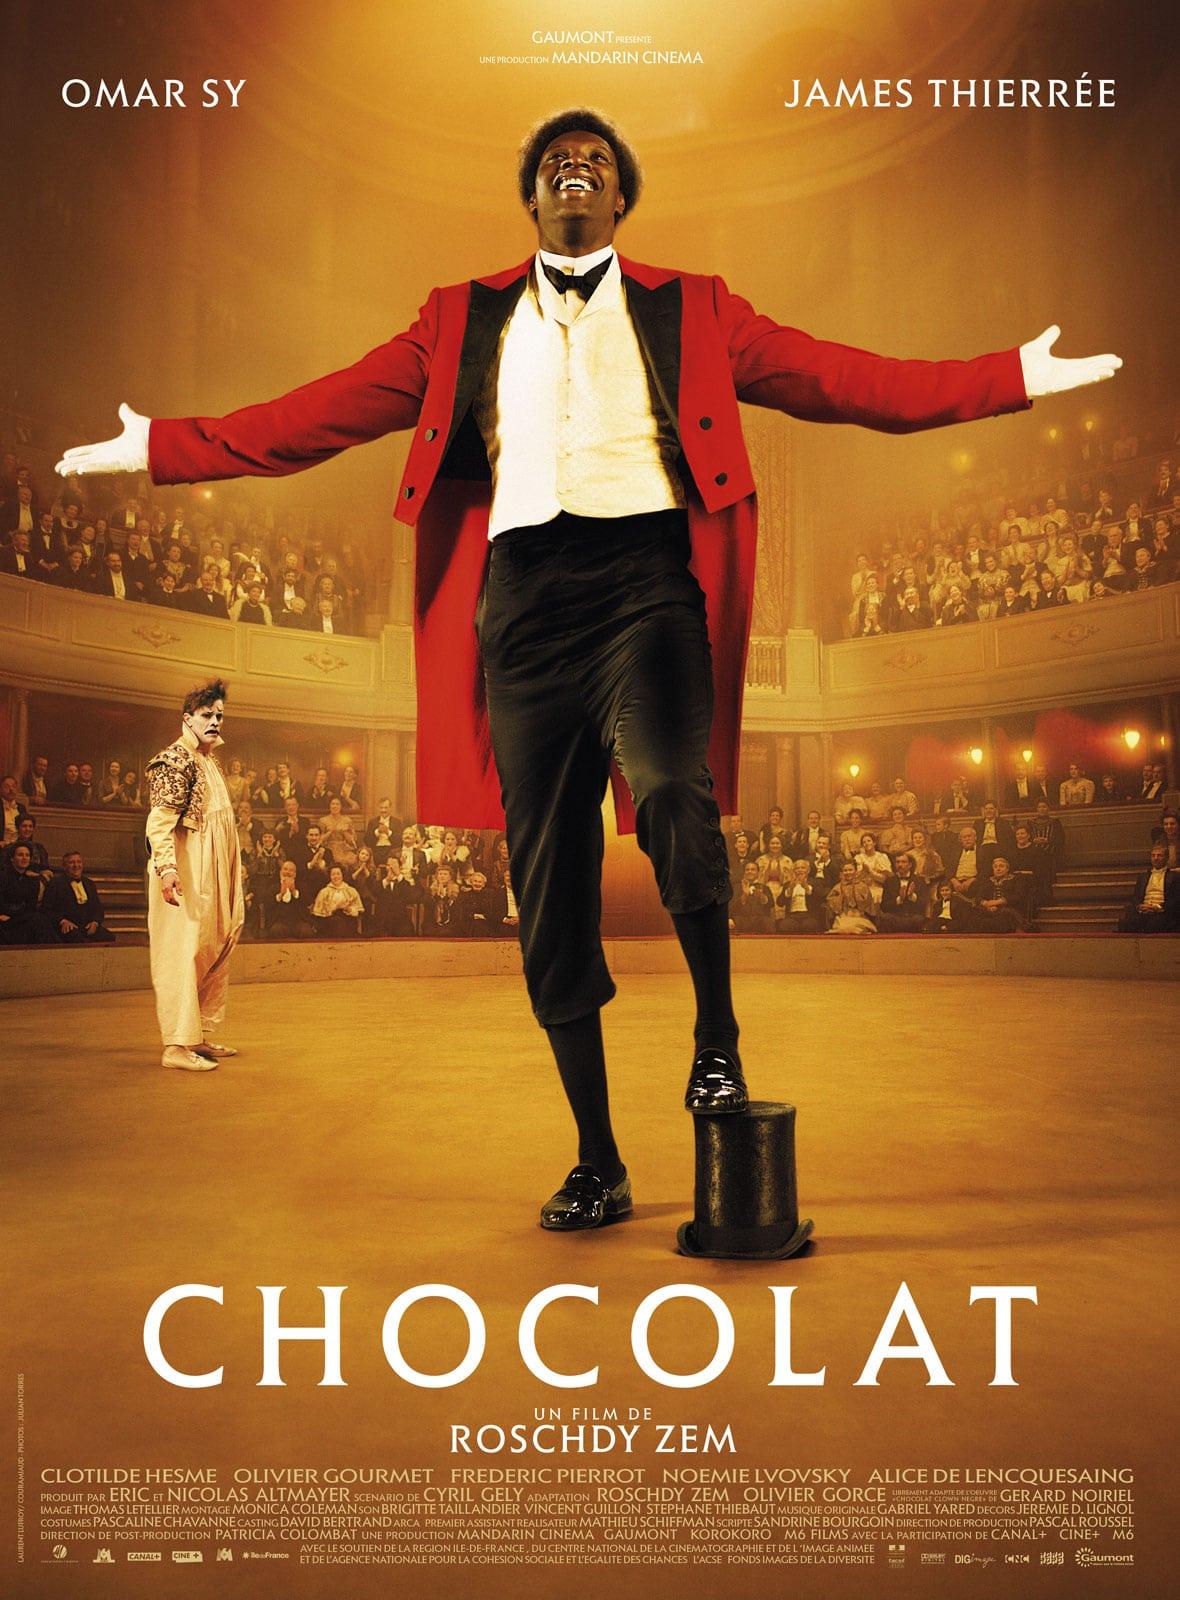 Chocolat Le Film, On En Pense Quoi ?